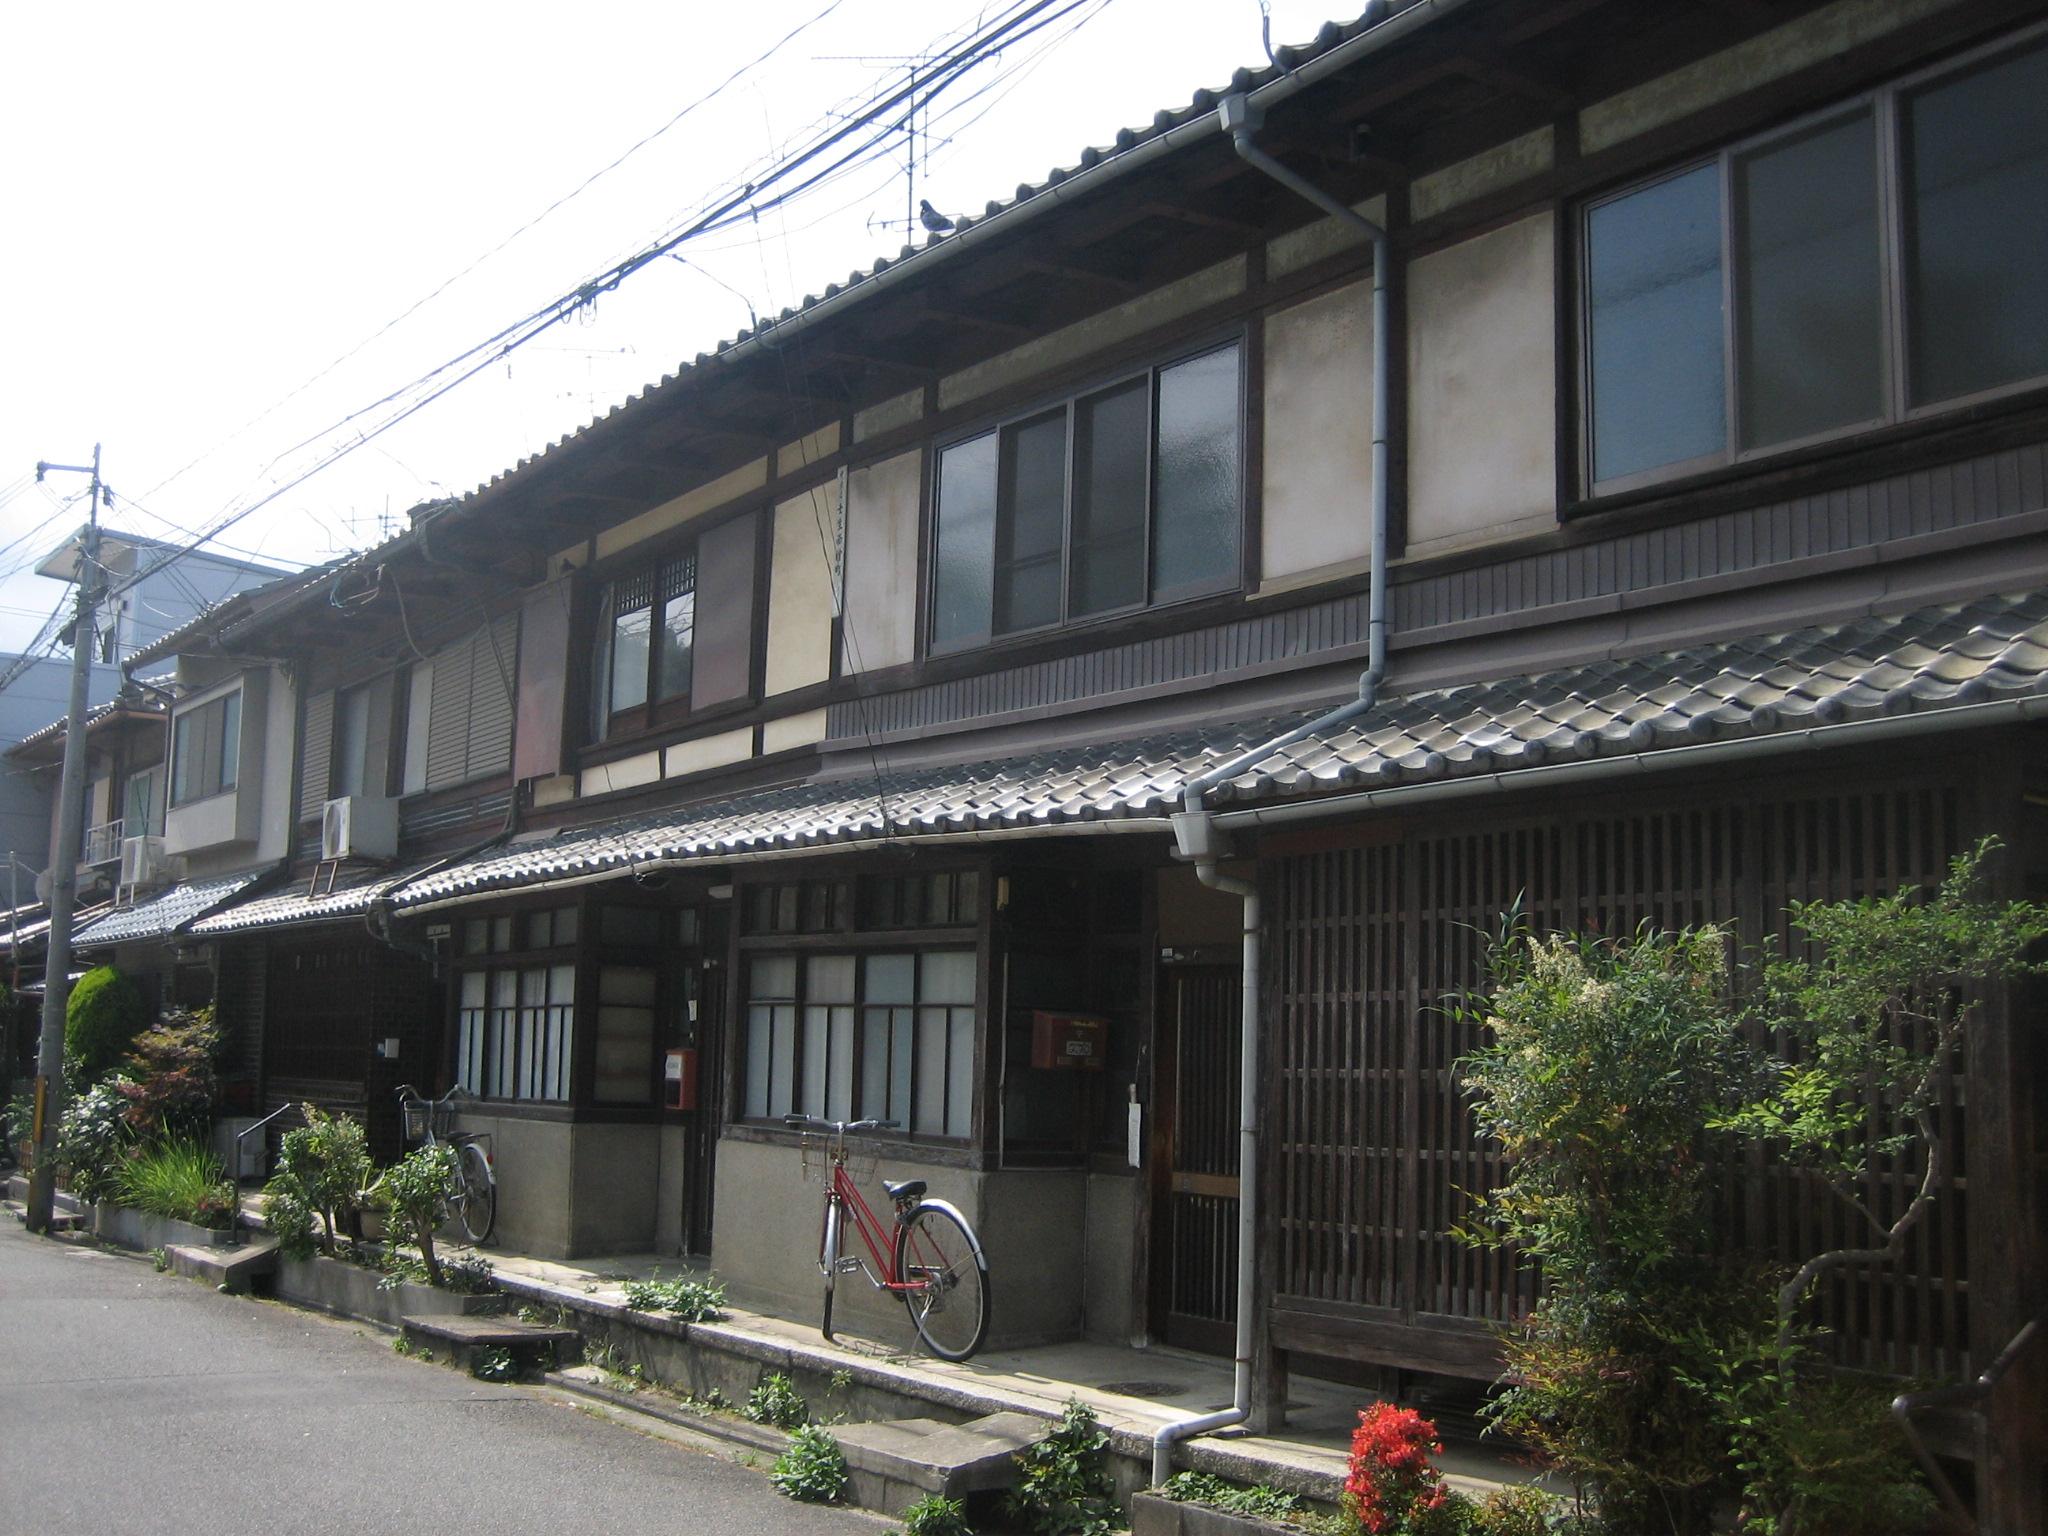 京都おんぼろシェアハウス                        ちあき